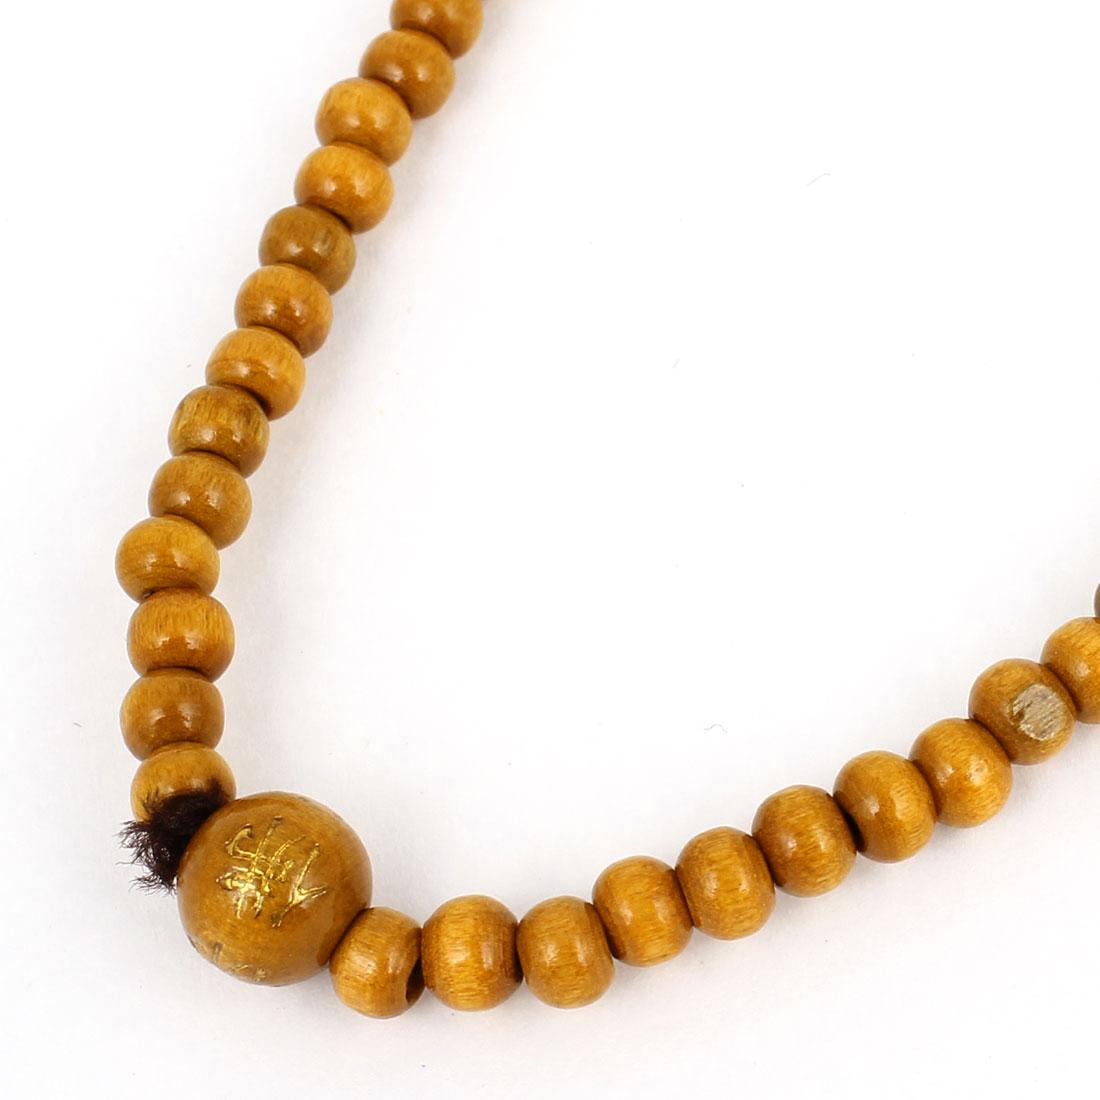 Beige Multifunction Round Wood Beads Elastic Sandalwood Bracelet Necklace